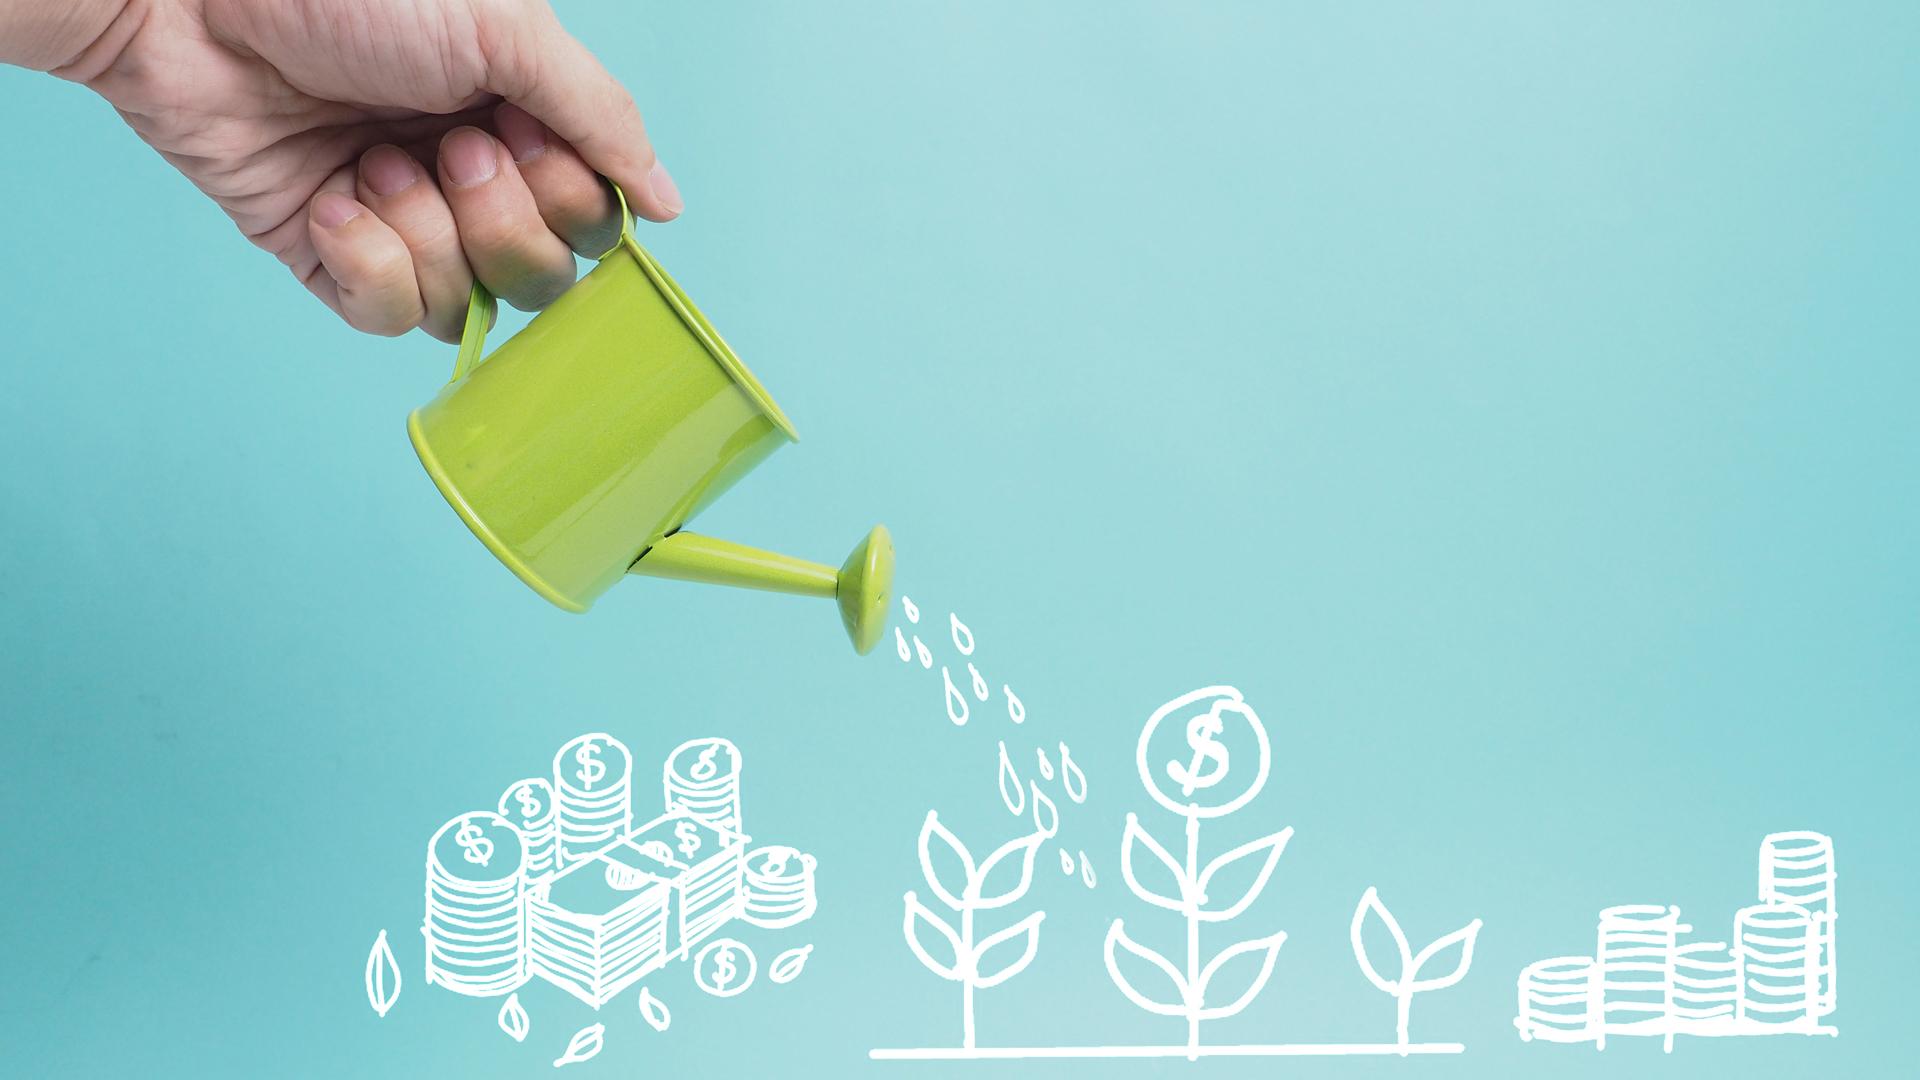 Các yếu tố ảnh hưởng đầu tư chứng chỉ quỹ